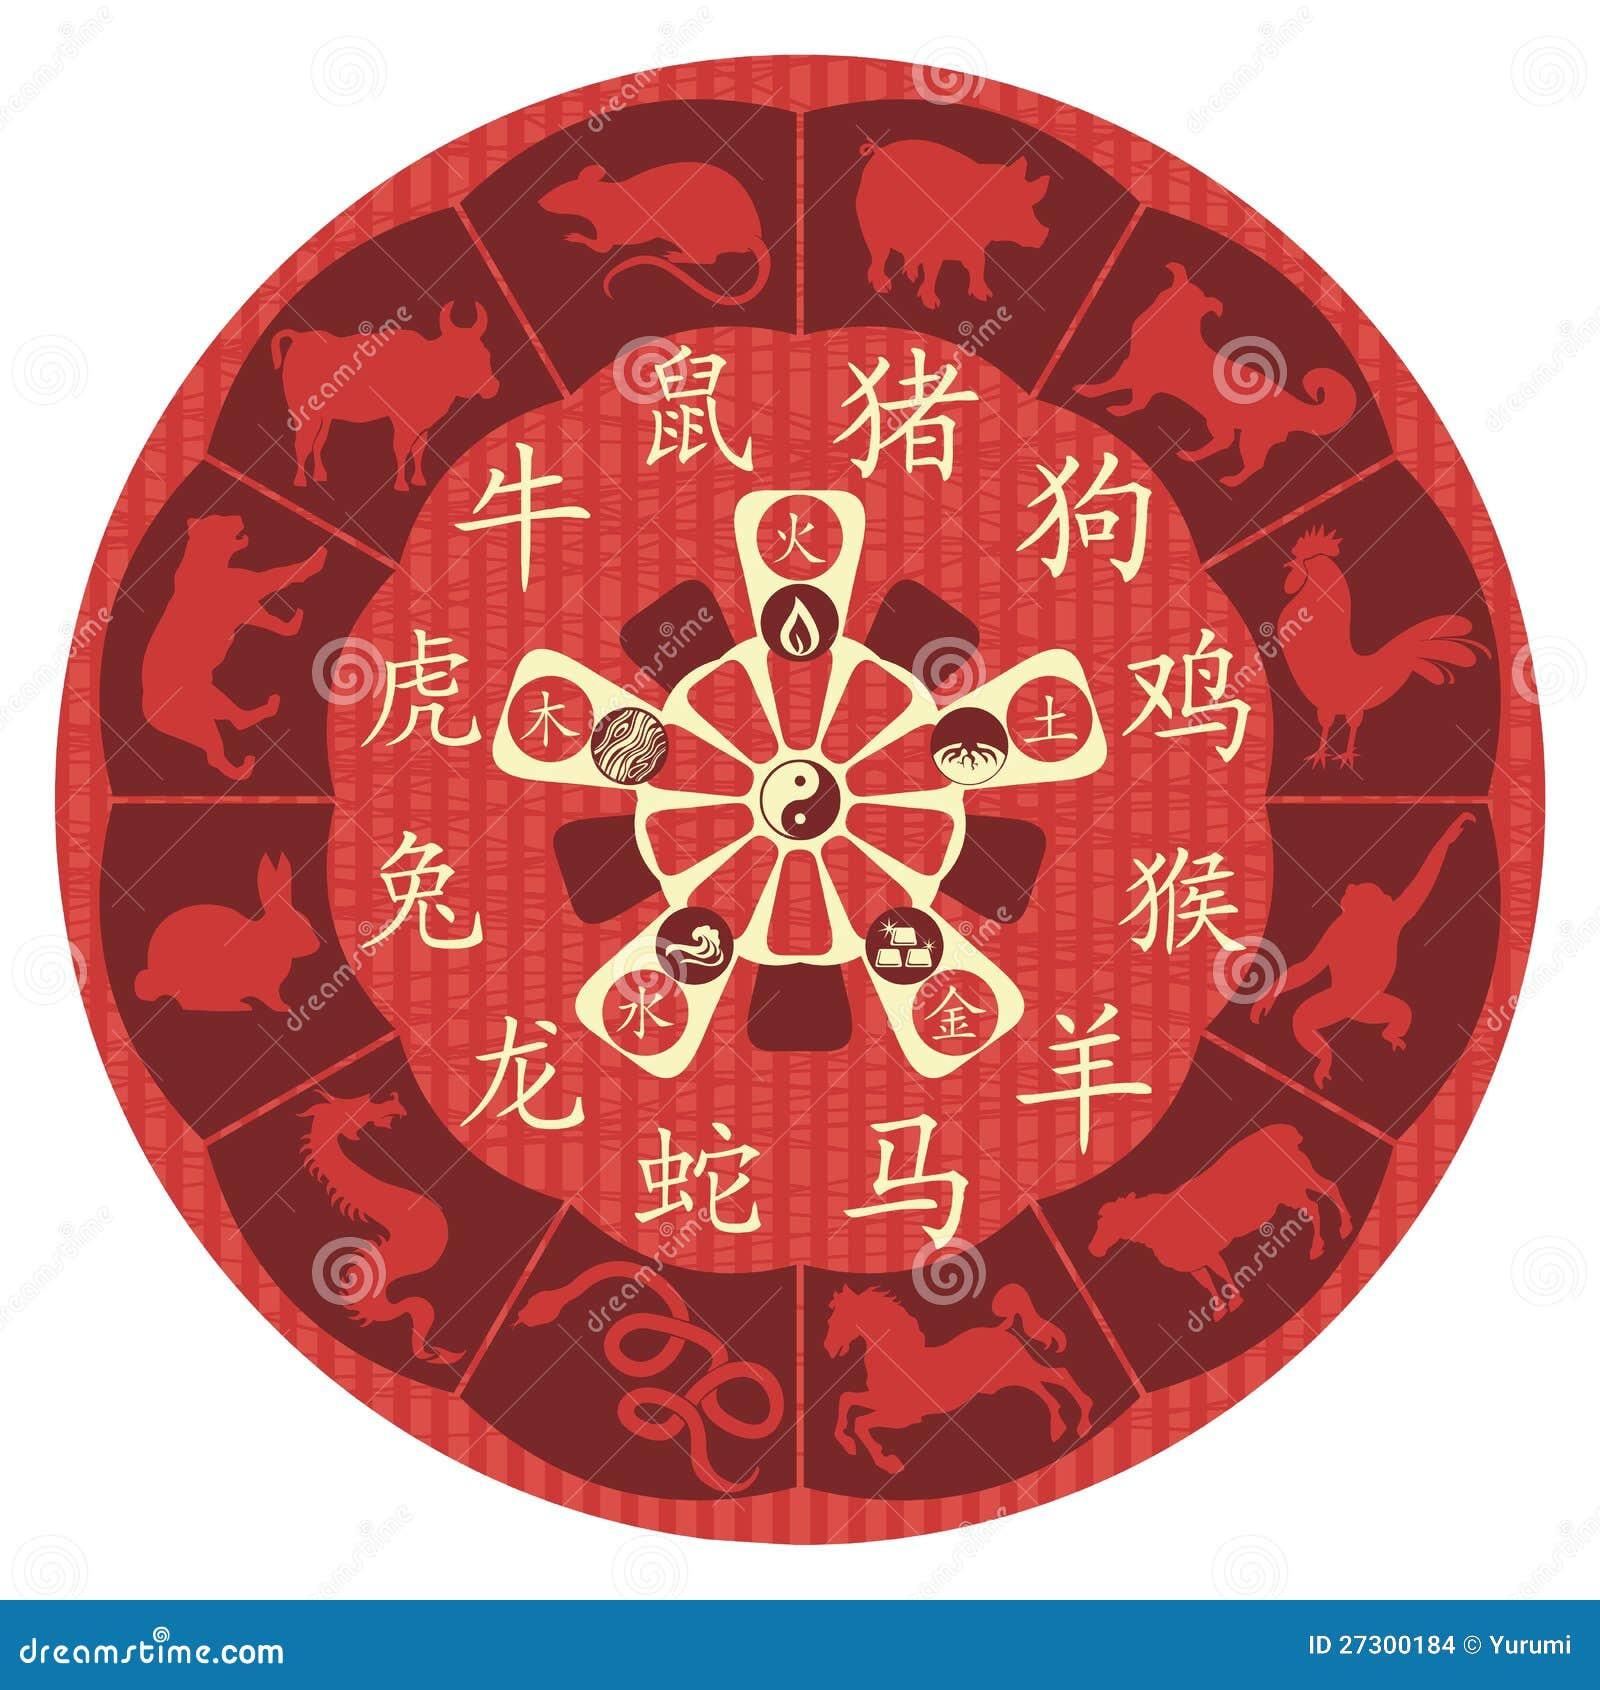 Chinese Zodiac Wheel Stock Images Image 27300184